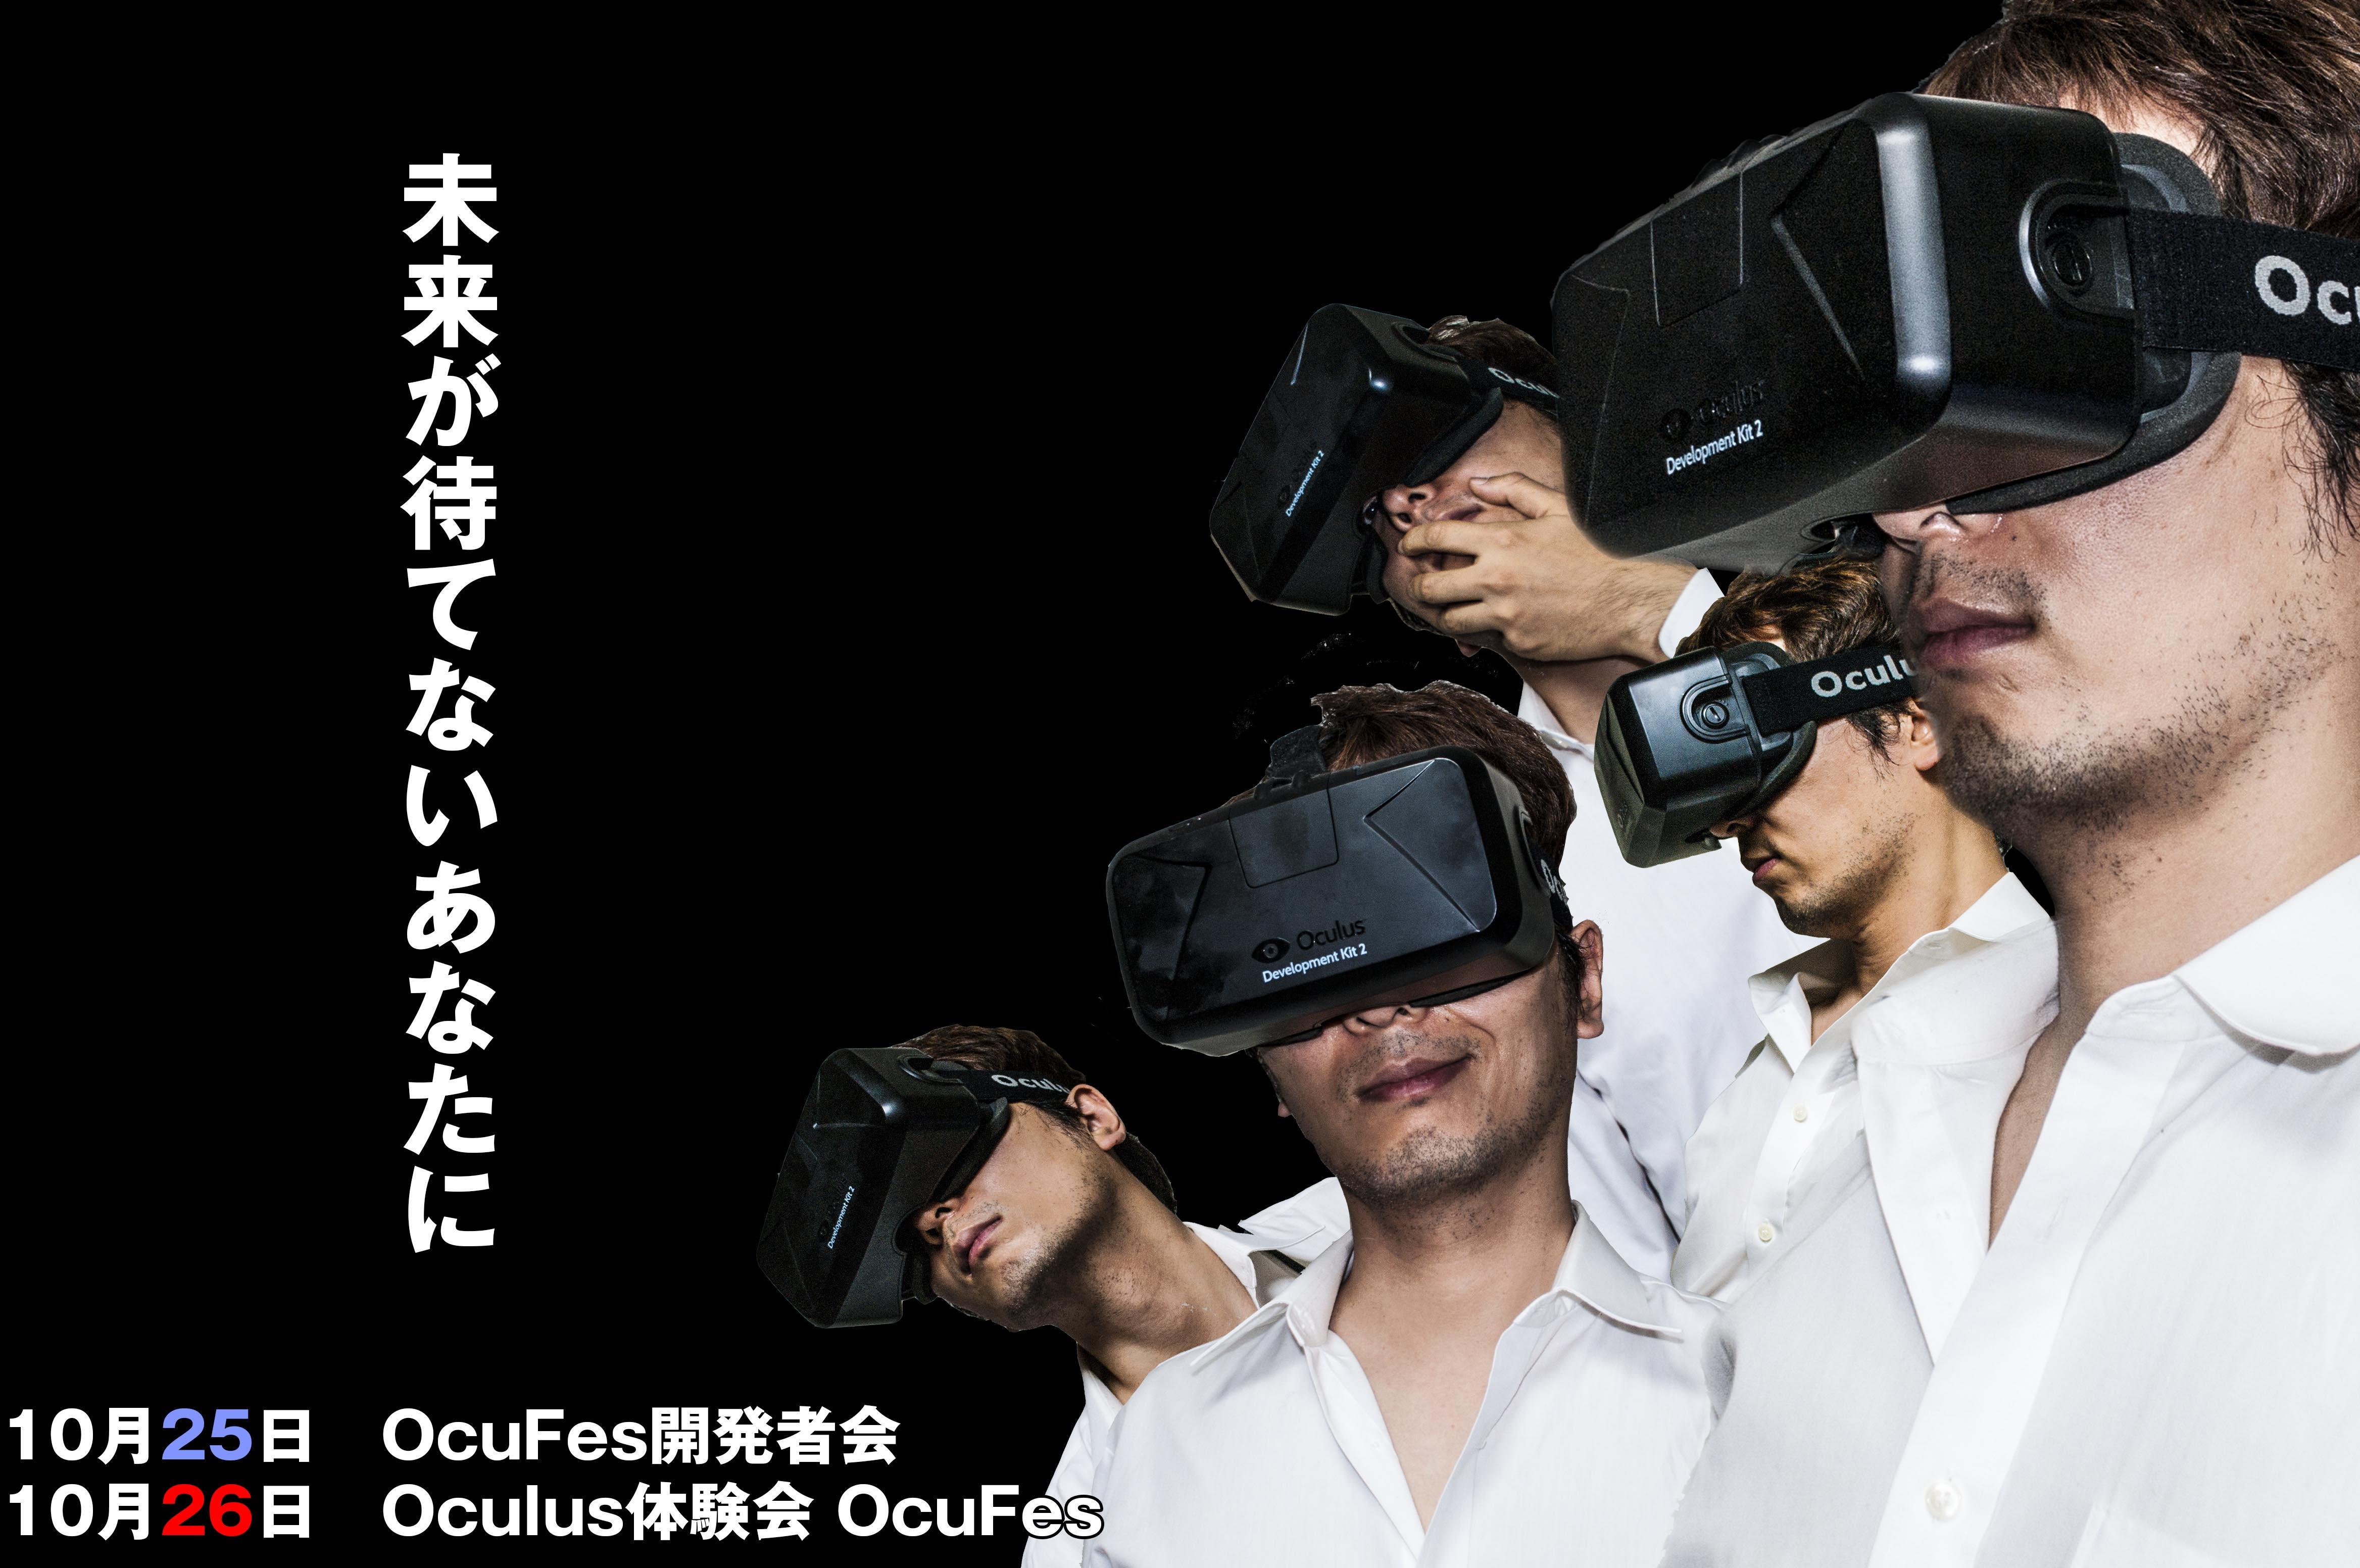 10/25~26、日本科学未来館にてOculus Riftの開発者向けイベント「OcuFes開発者会」開催1